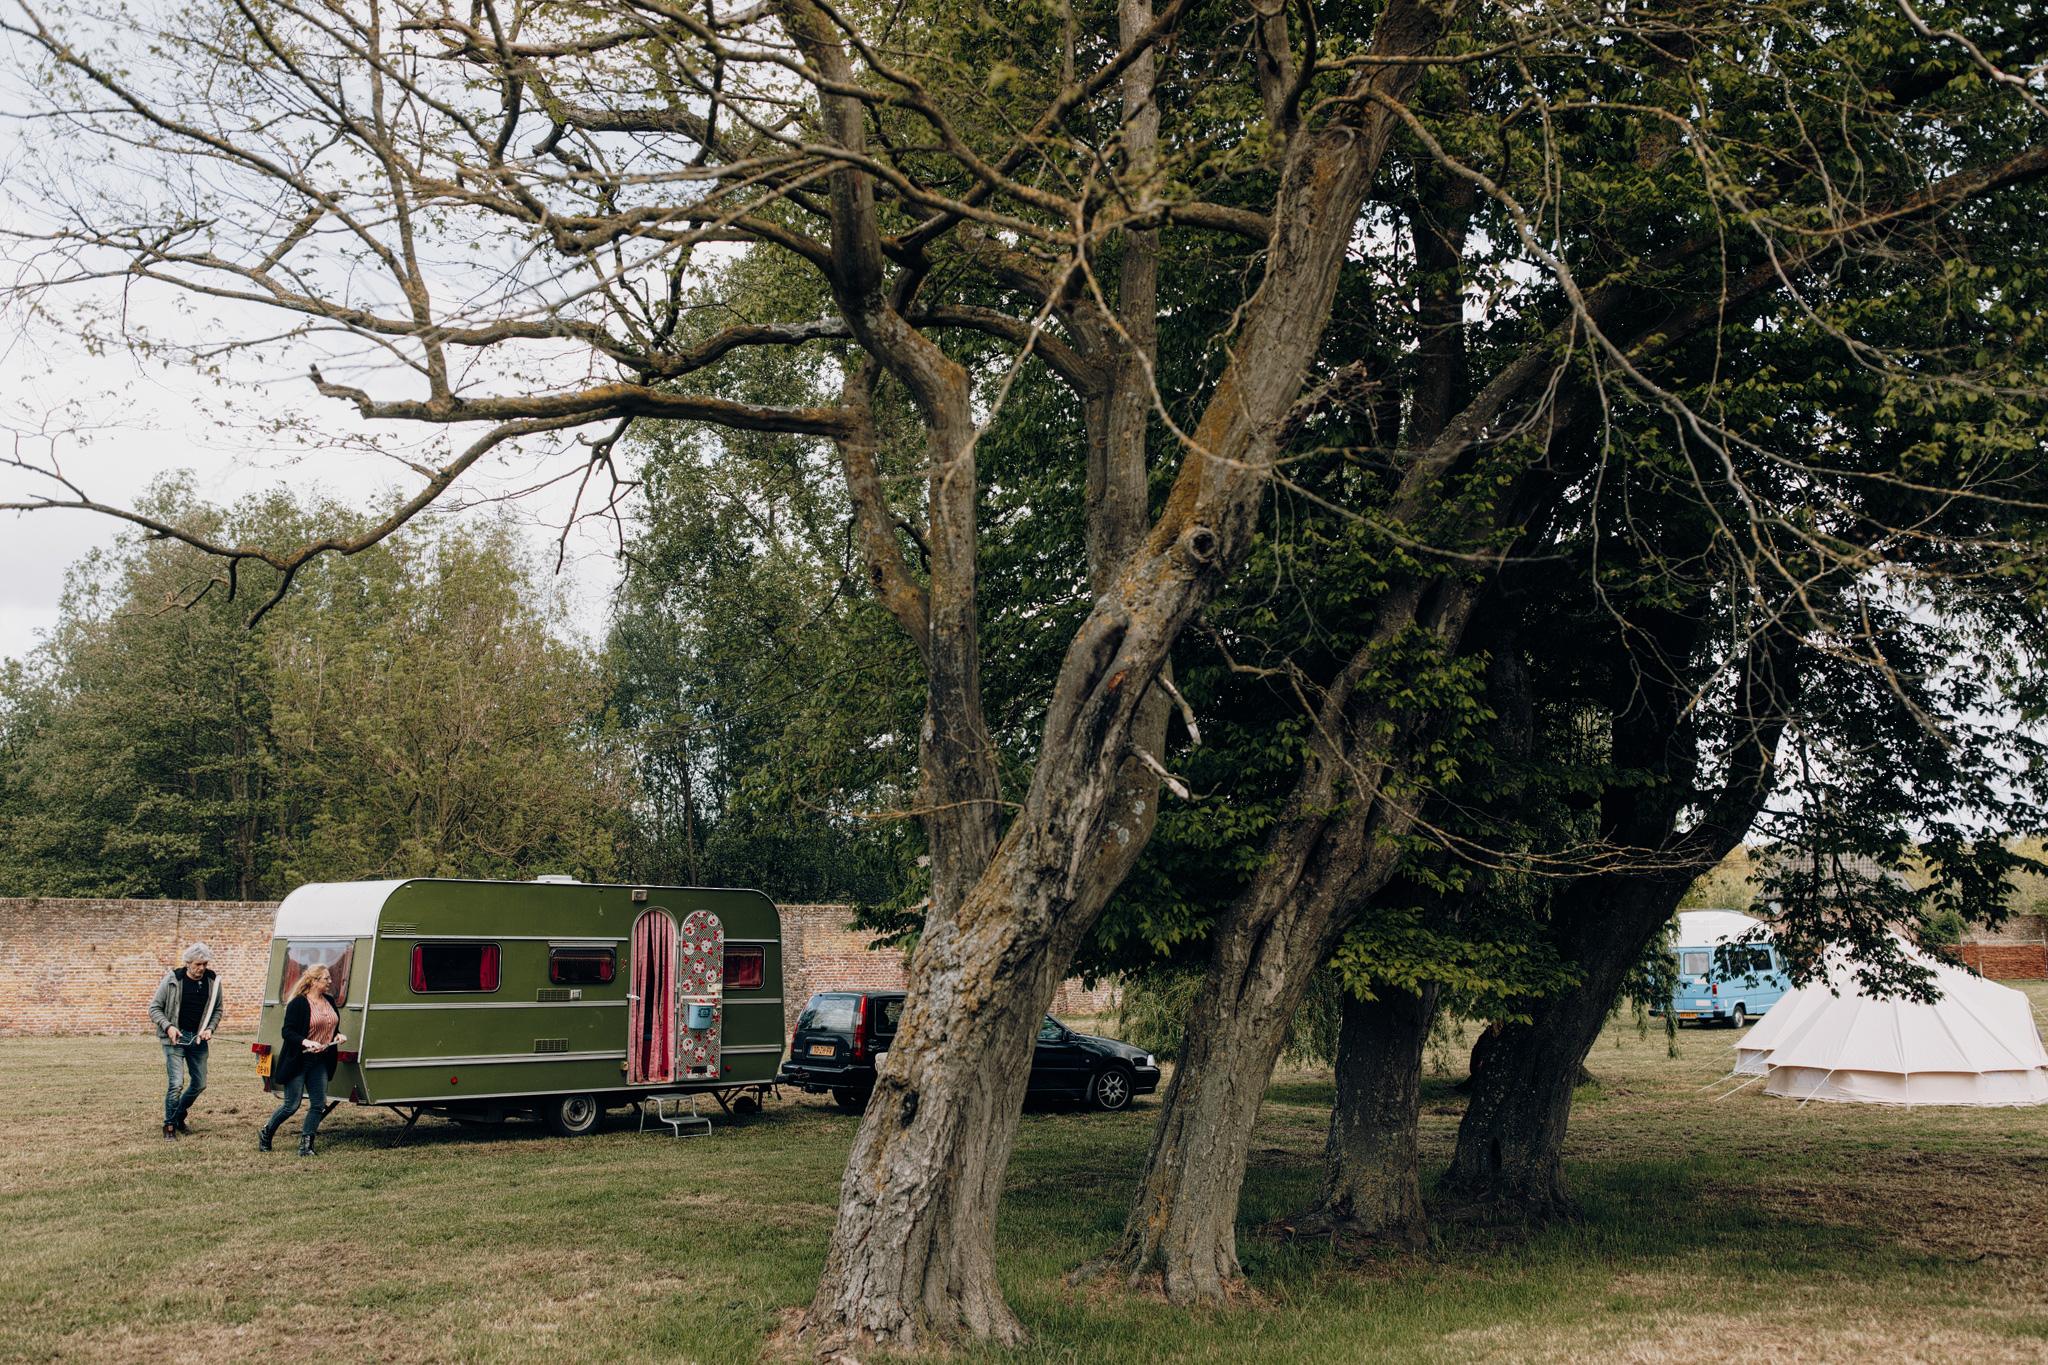 Caravan bij Kloster Graefenthal